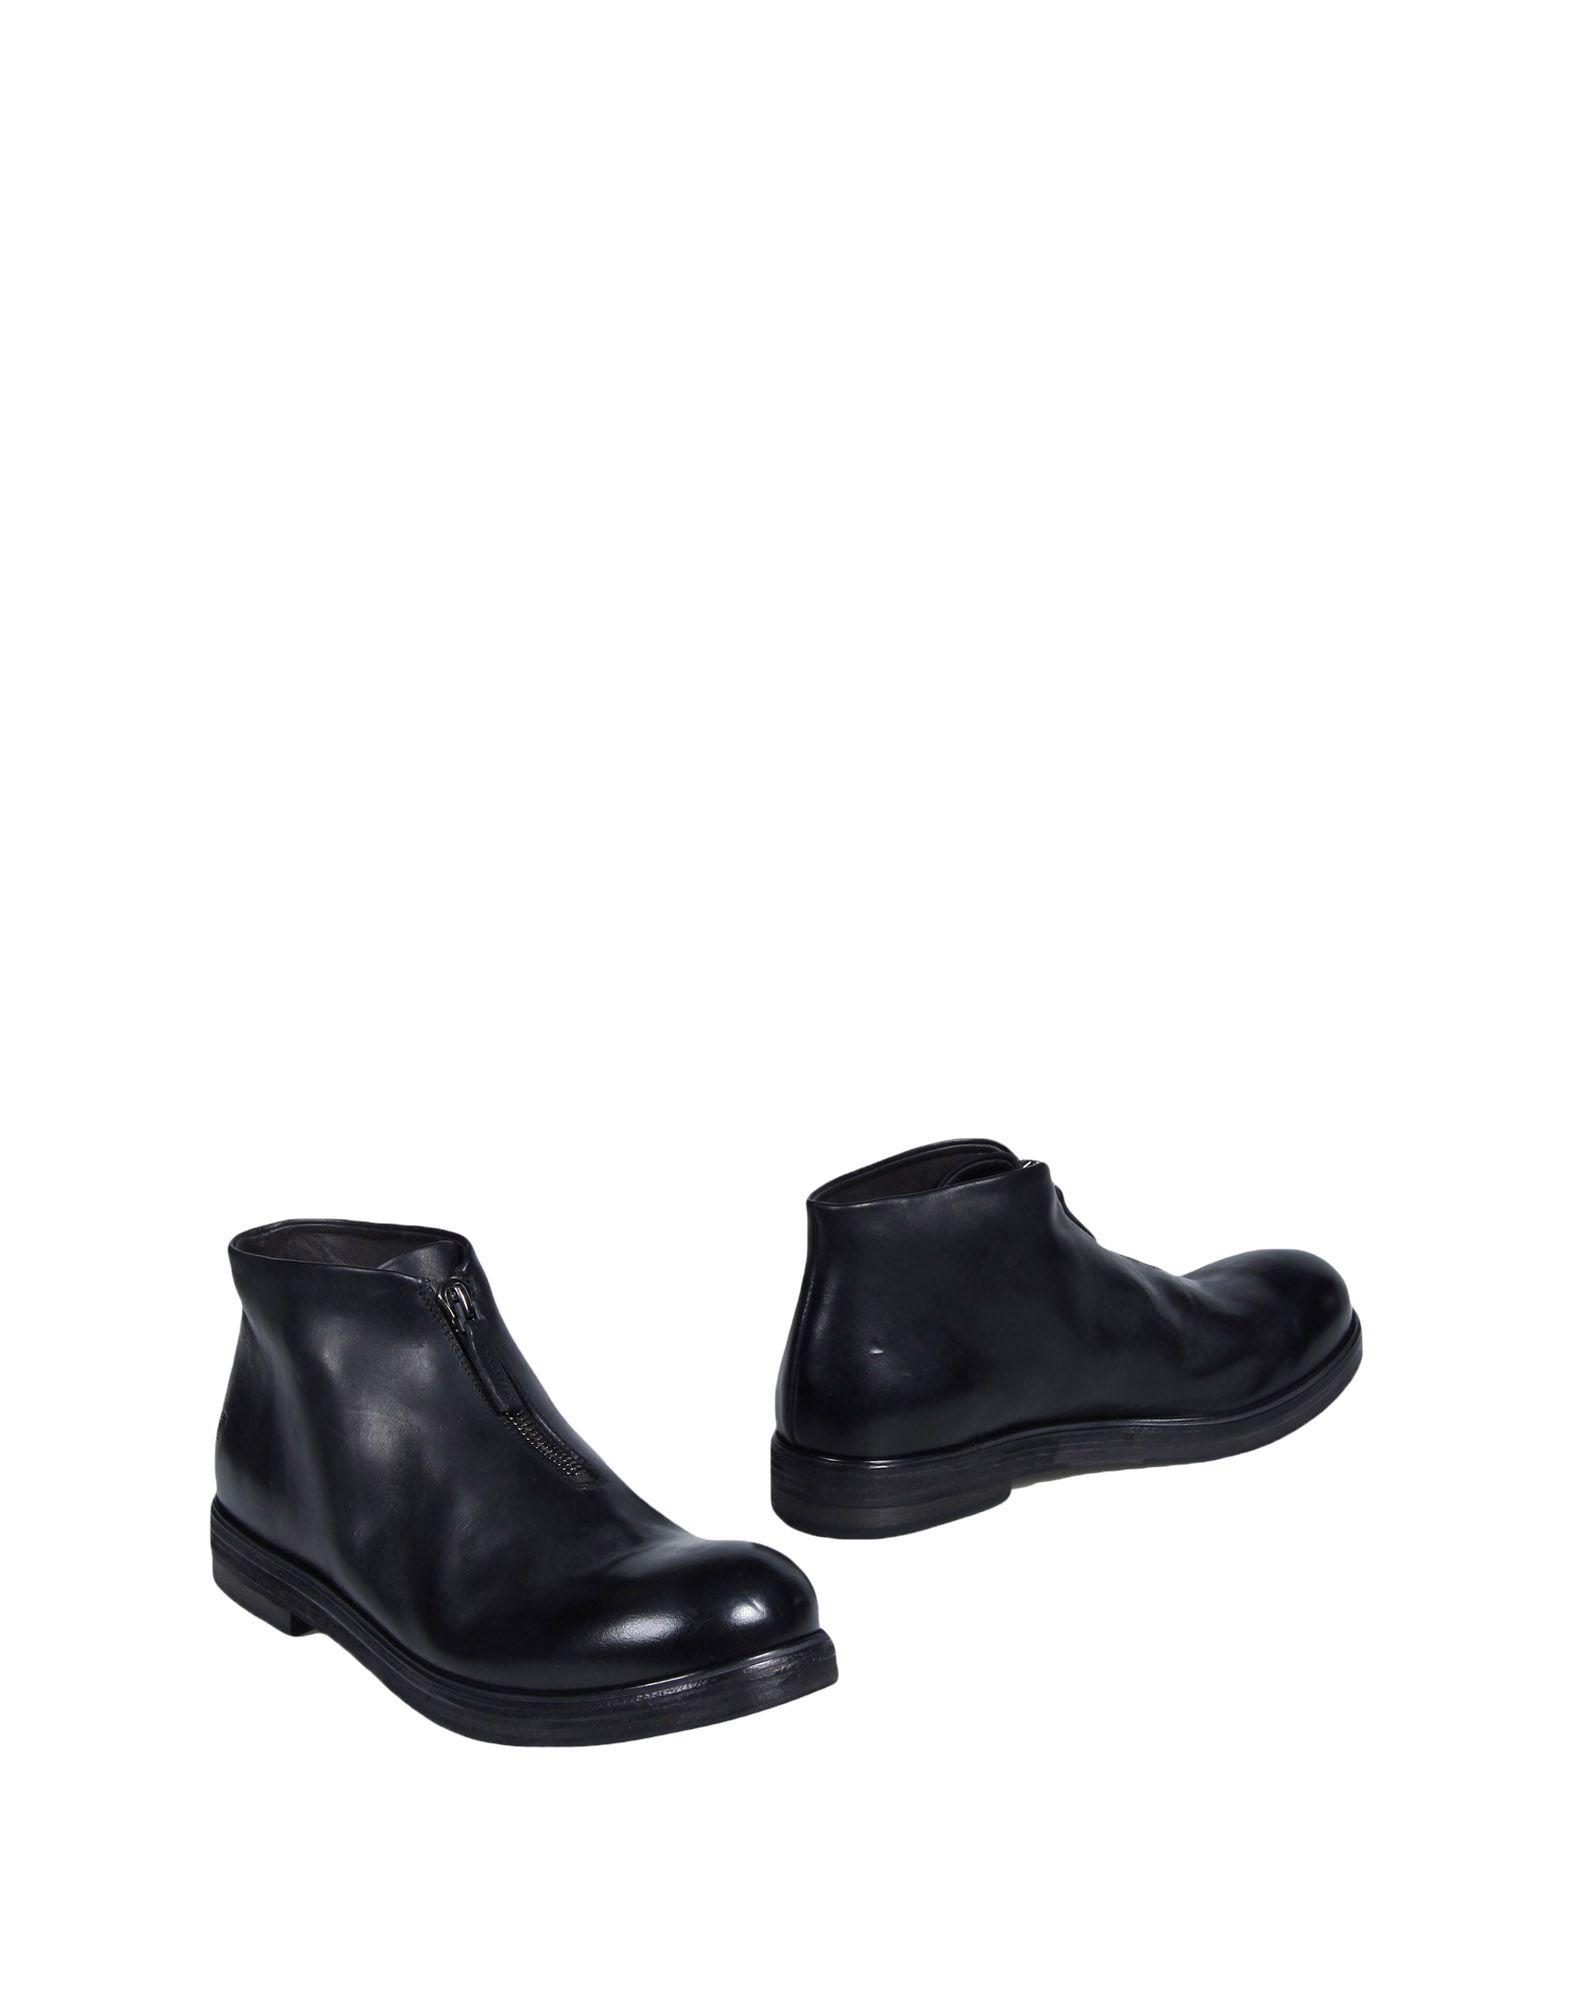 Marsèll Boots Boots Boots - Men Marsèll Boots online on  Canada - 44886998MP f15b72